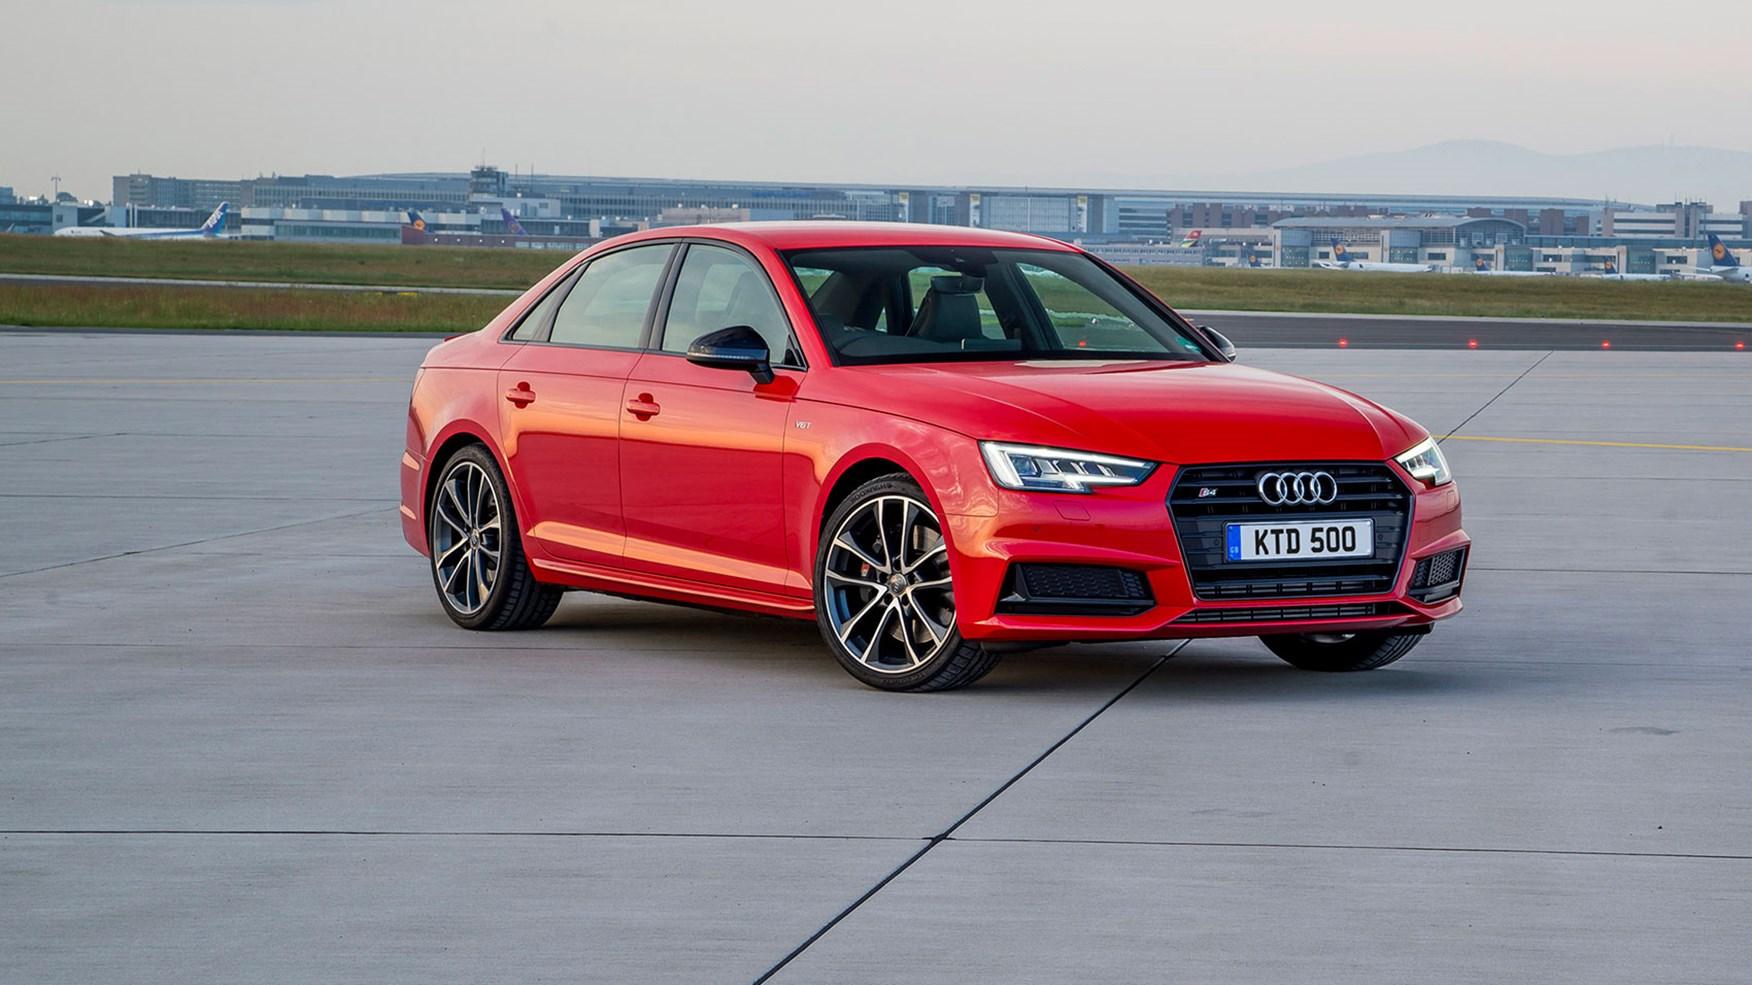 Audi a4 lease deals 2017 14